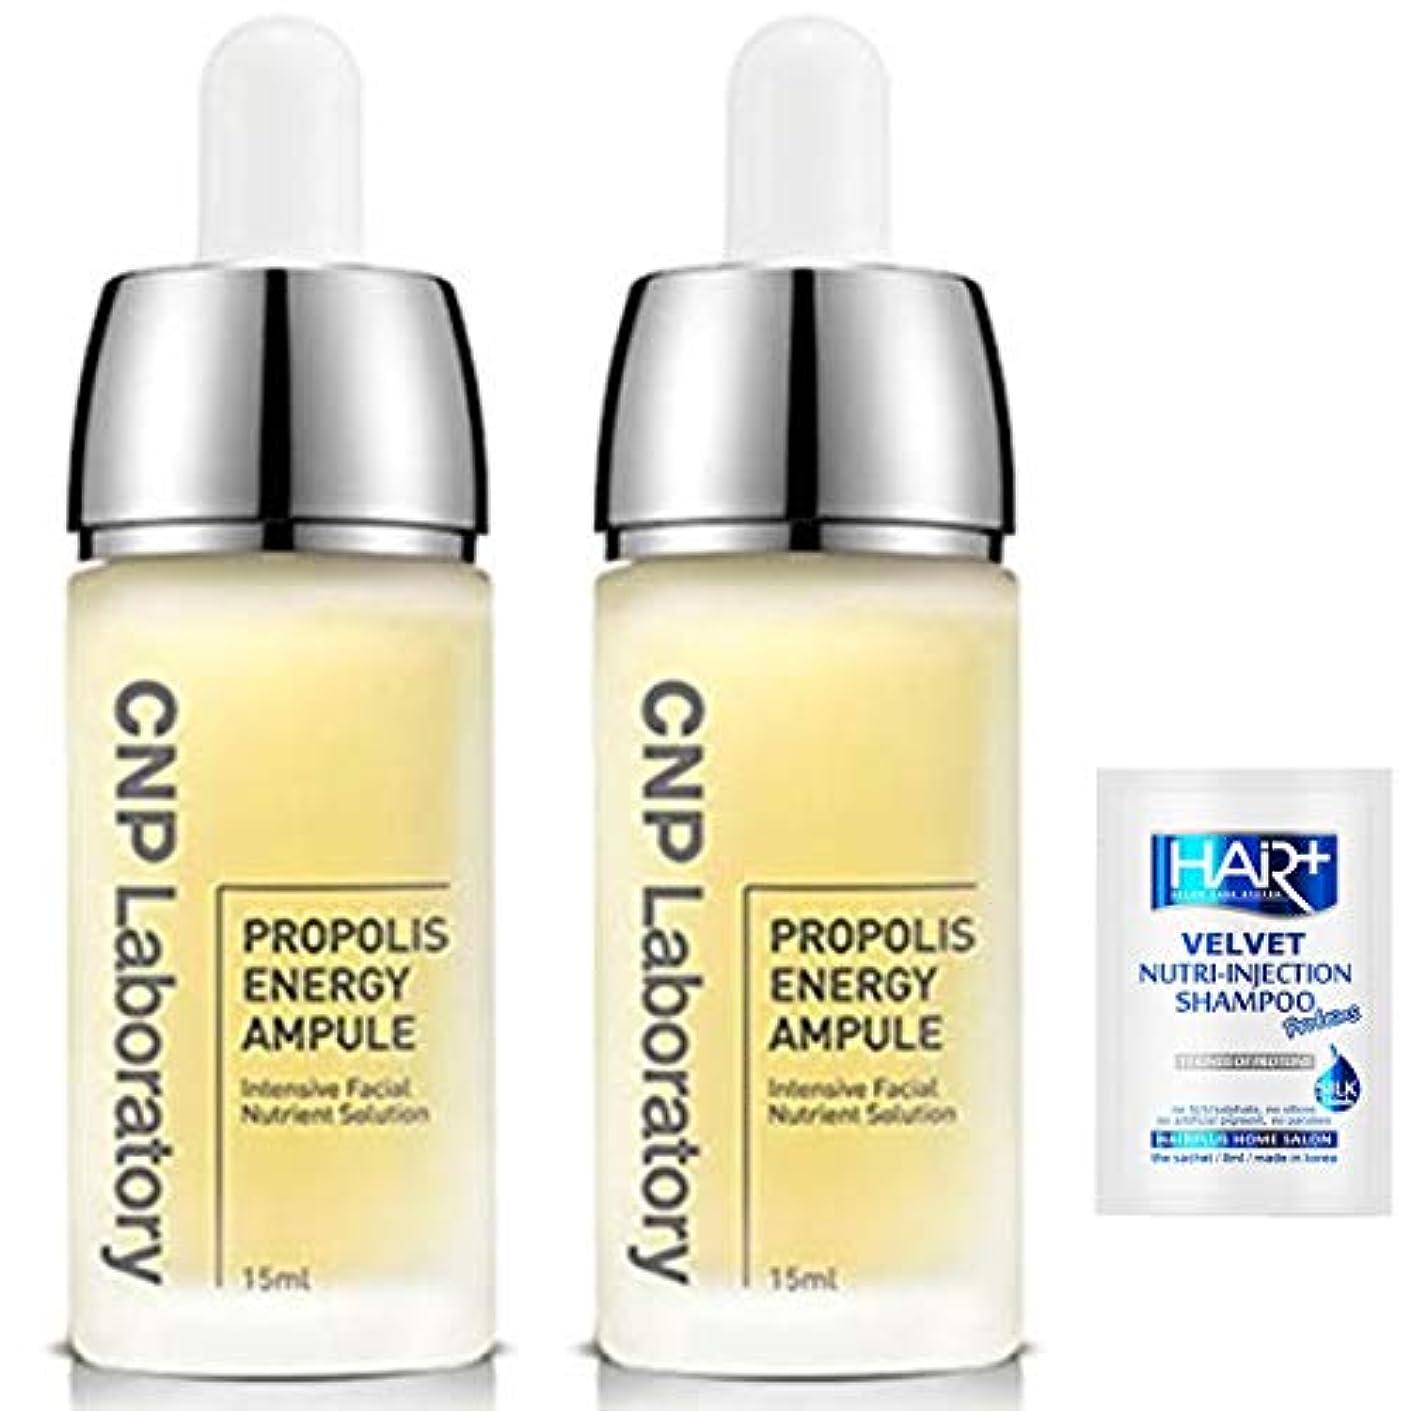 一致する休日にオリエンテーション【CNP Laboratory】プロポリス エネルギーアンプル 15ml X 2EA+HairPlus NonSilicon Shampoo 8ml